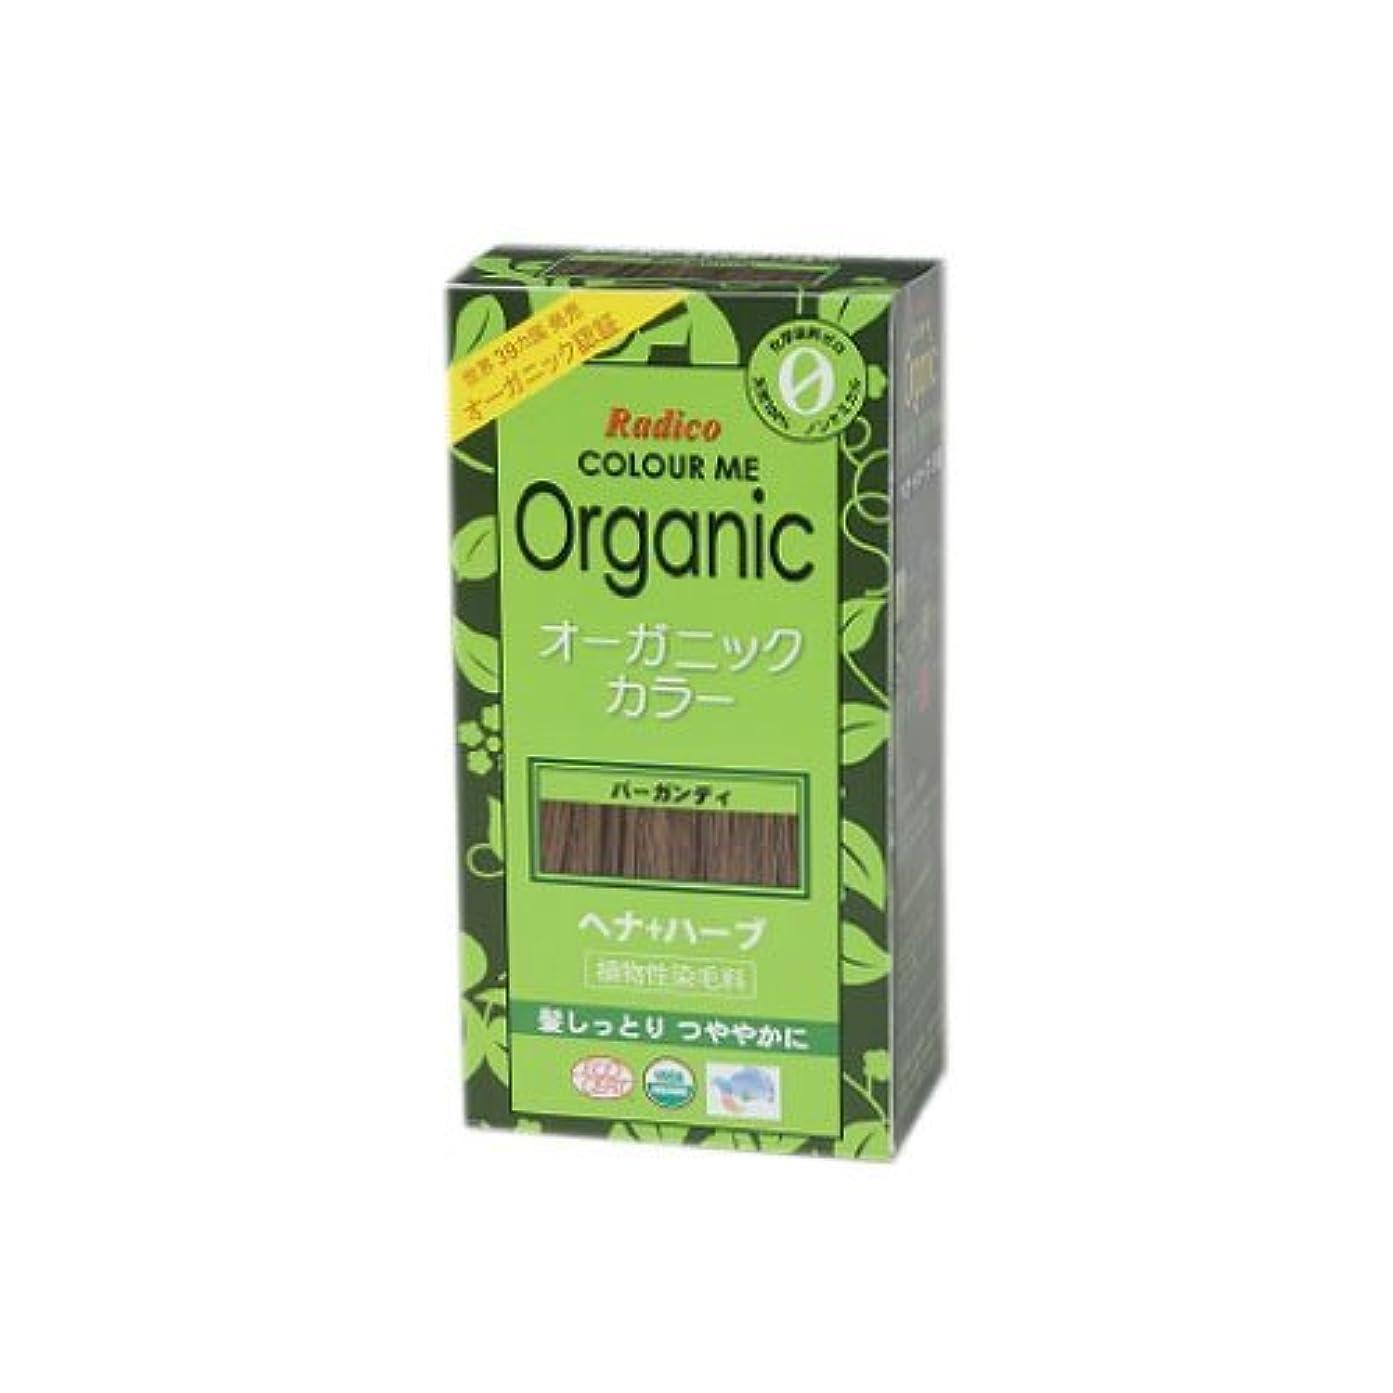 これらサイズ妨げるCOLOURME Organic (カラーミーオーガニック ヘナ 白髪用) バーガンディ 100g